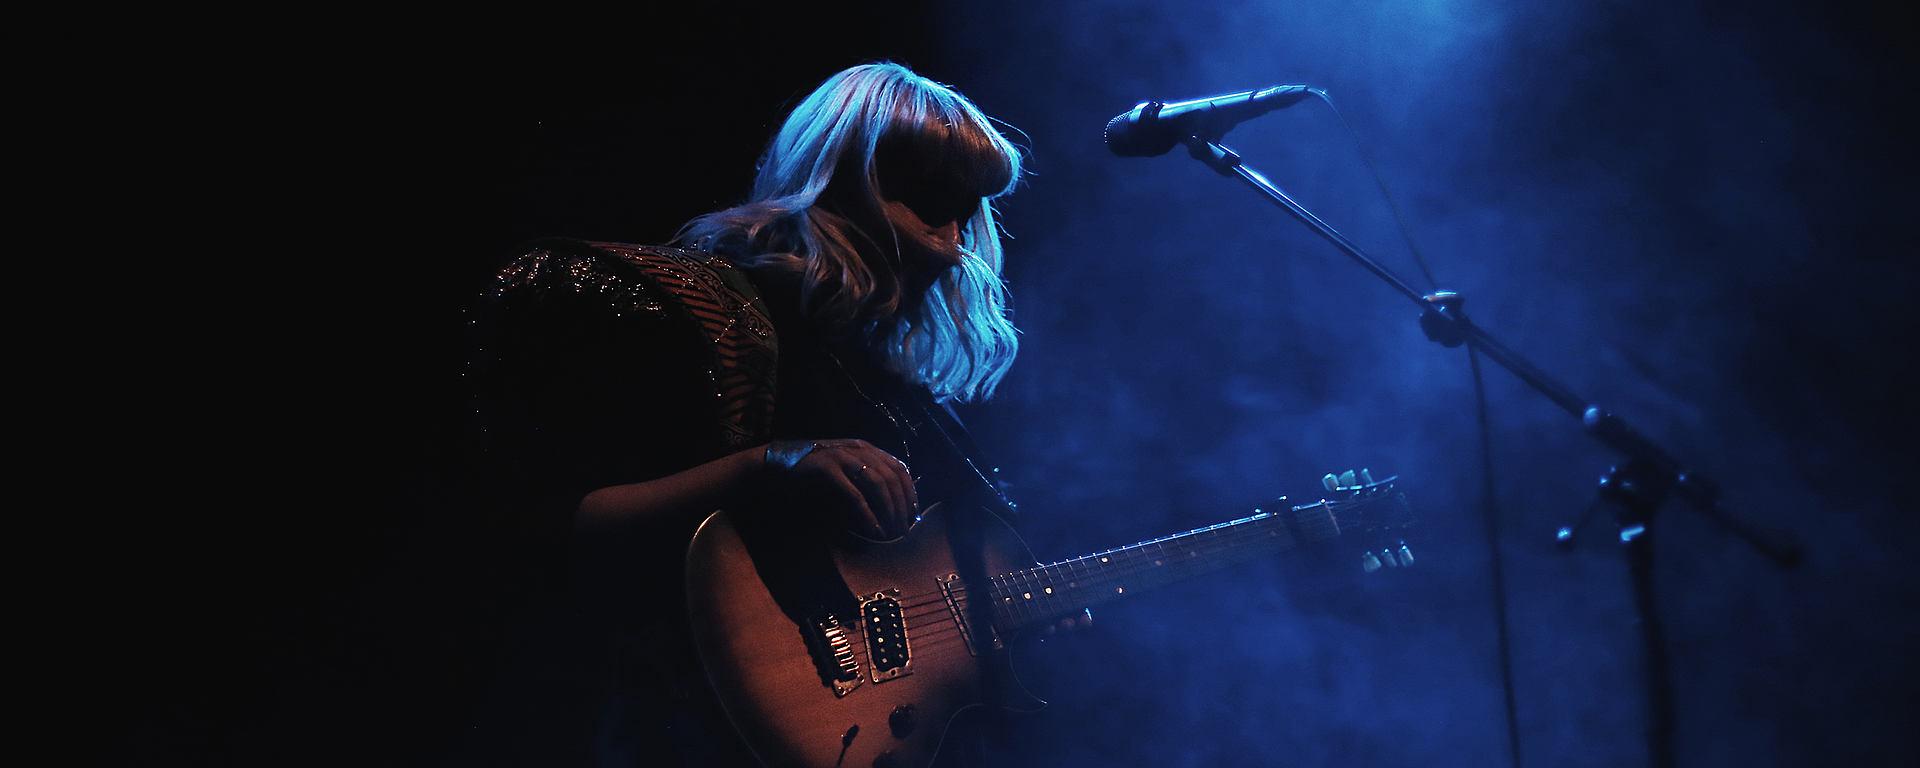 Eivor on tour with LEWITT microphones [Photo © Sarah Schad]